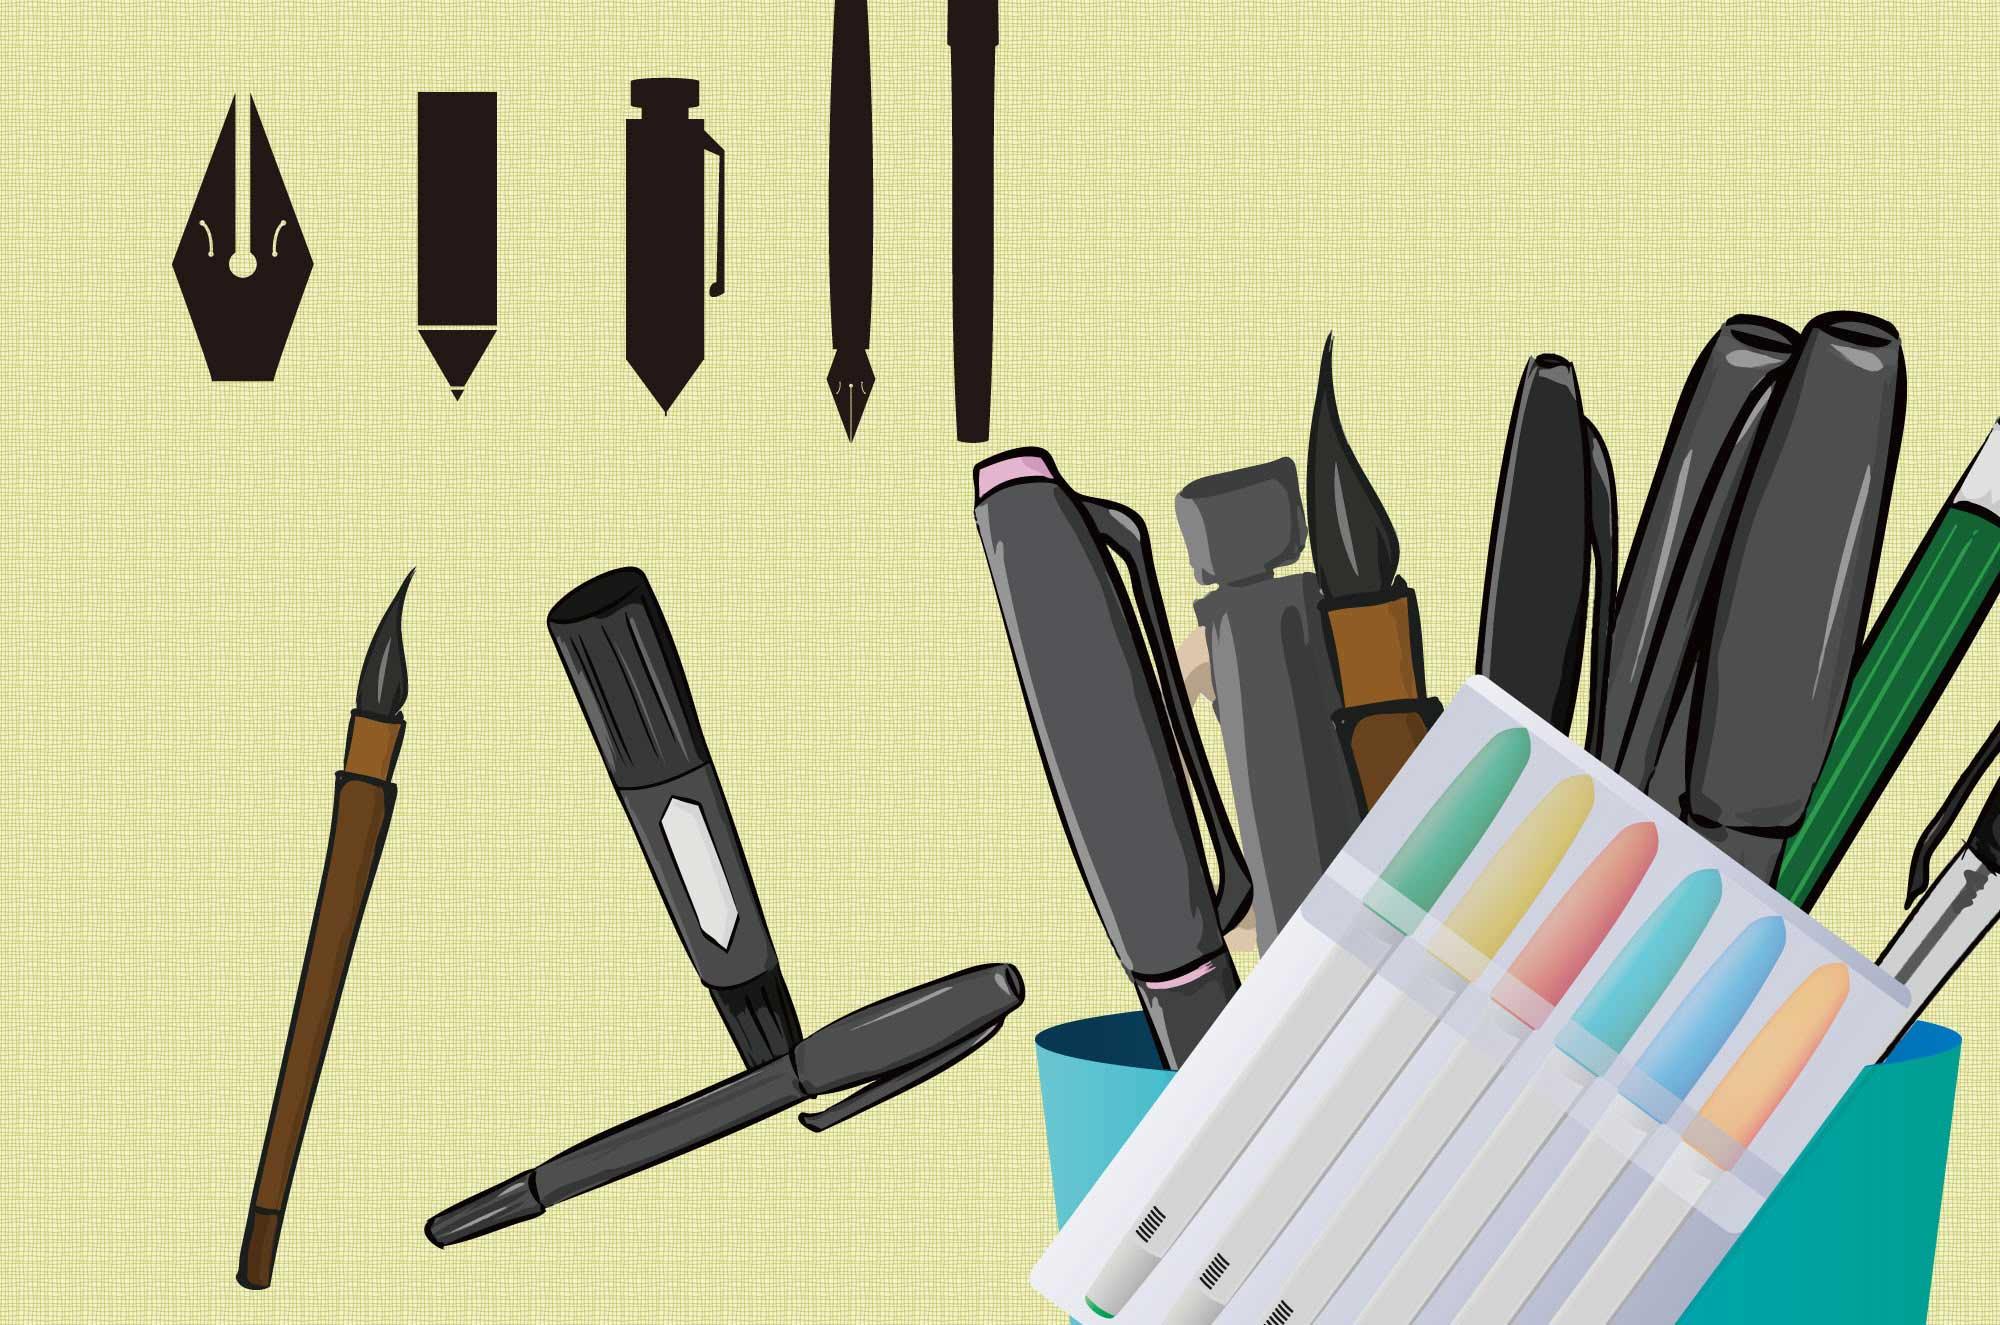 ペンのイラスト - 種類いっぱい文房具のフリー素材